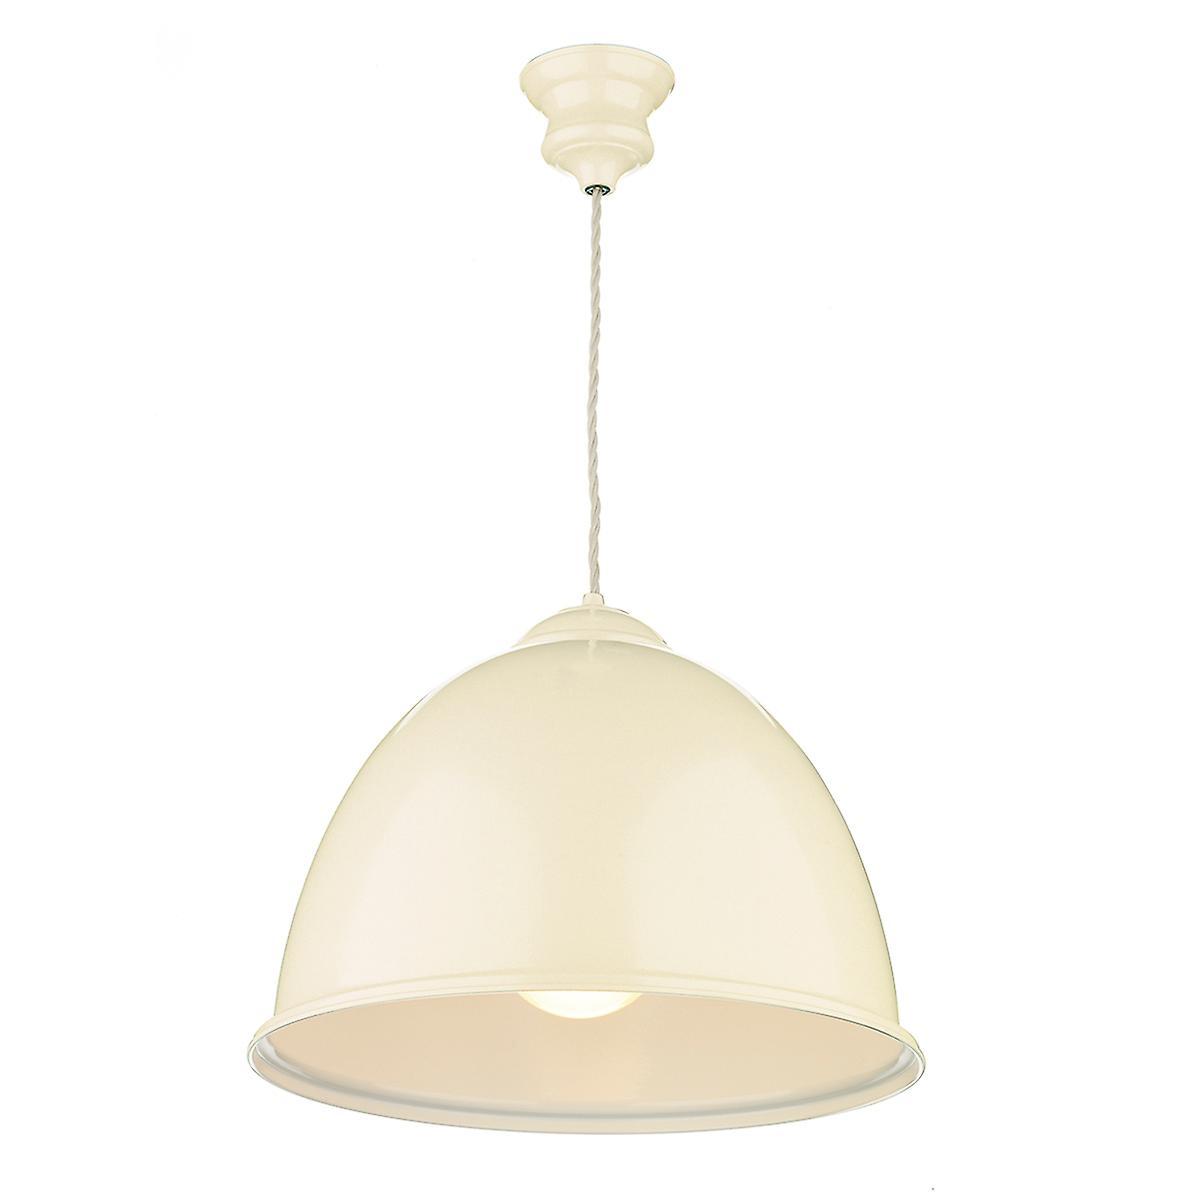 David Hunt EUS0133 Euston Single Light Gloss Cream Pendant With White Inner